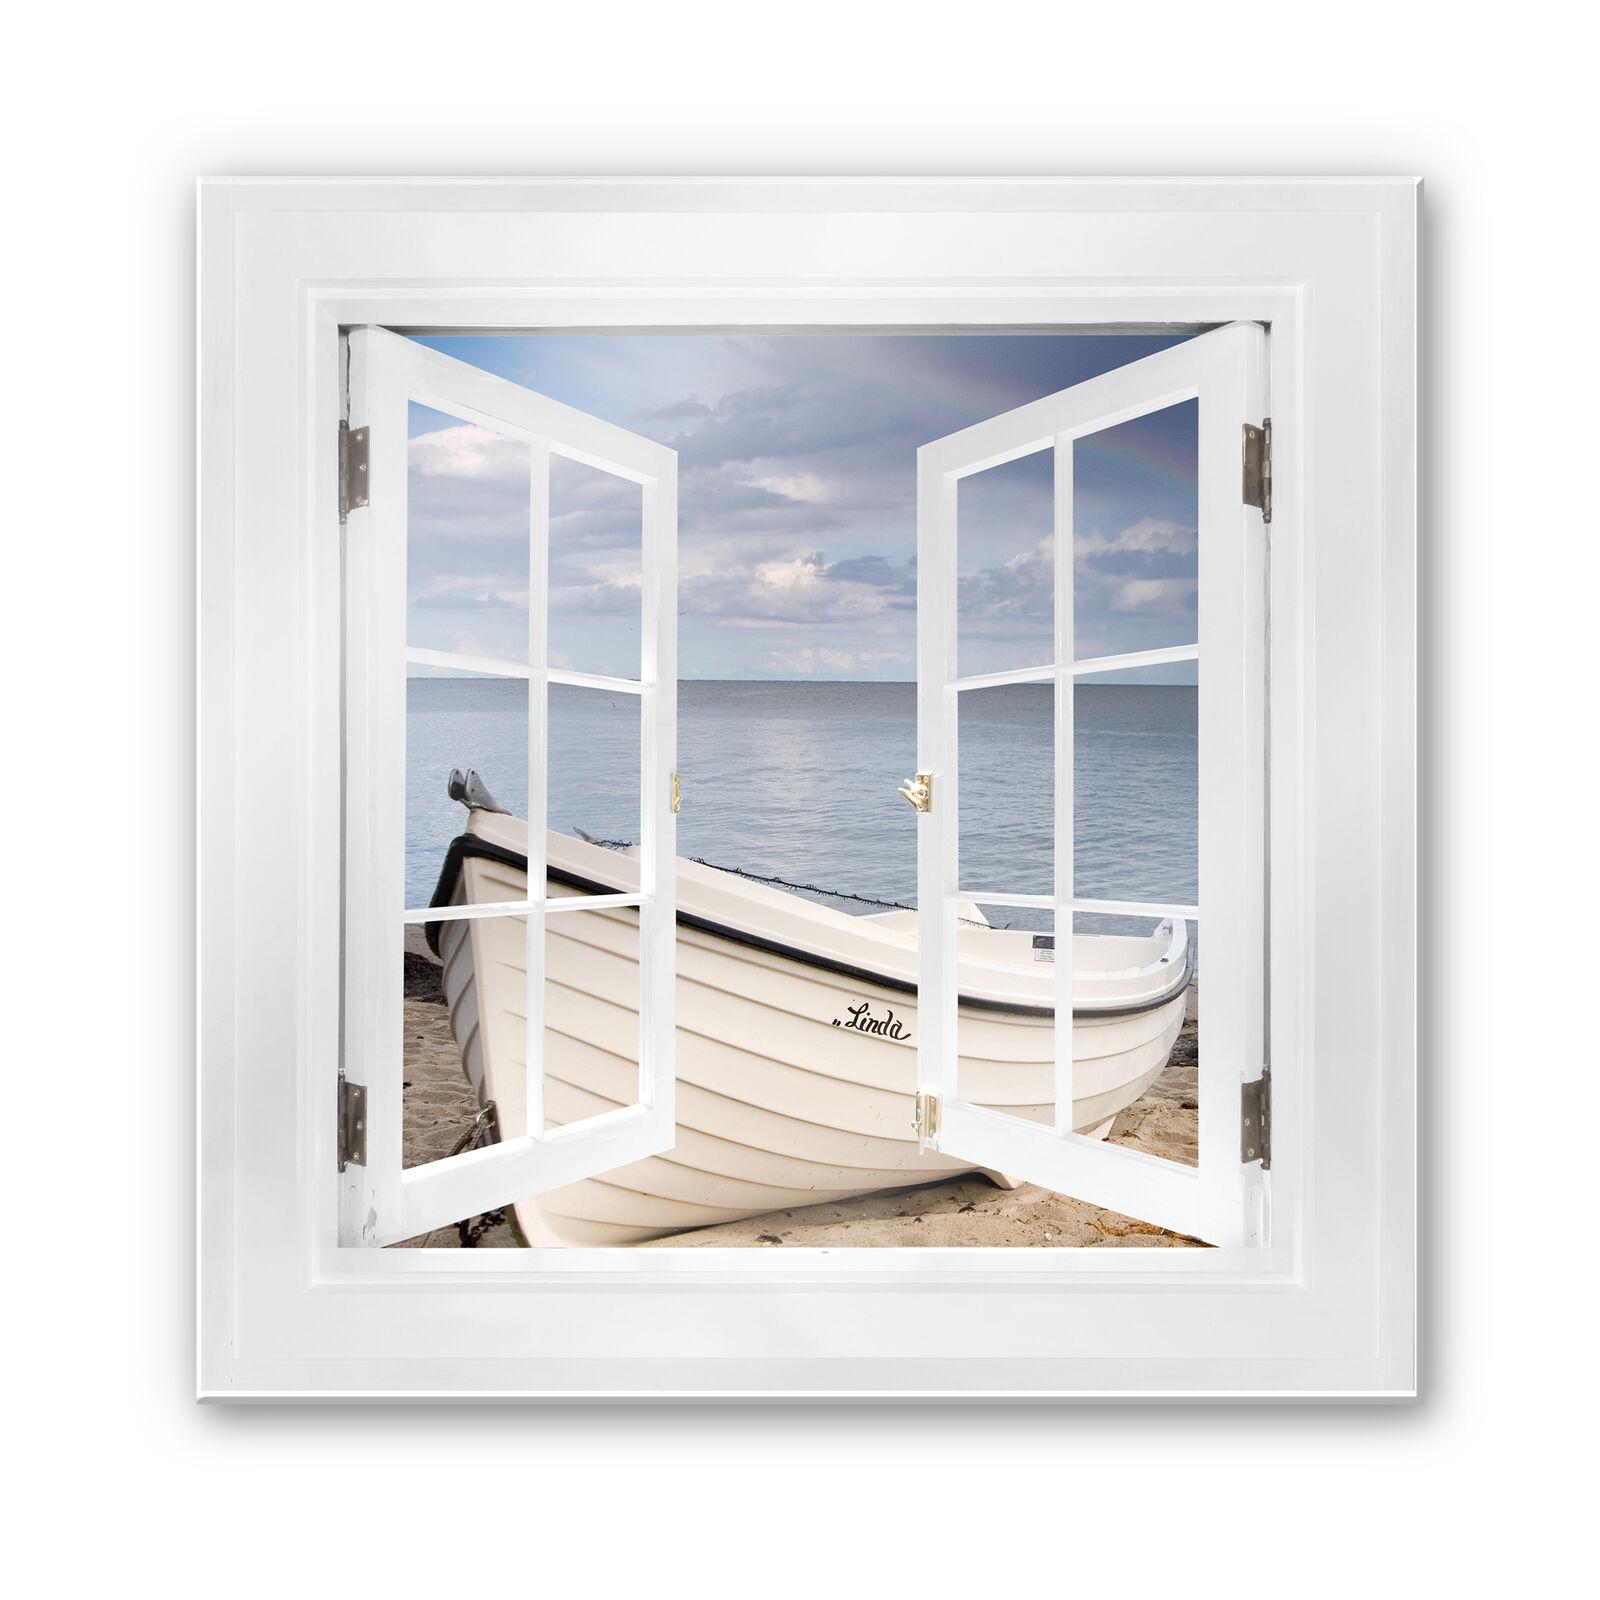 Verre 3d Fenêtre carrée-la plage idylles - 50x50 cm ahurissantes vraiment DECO